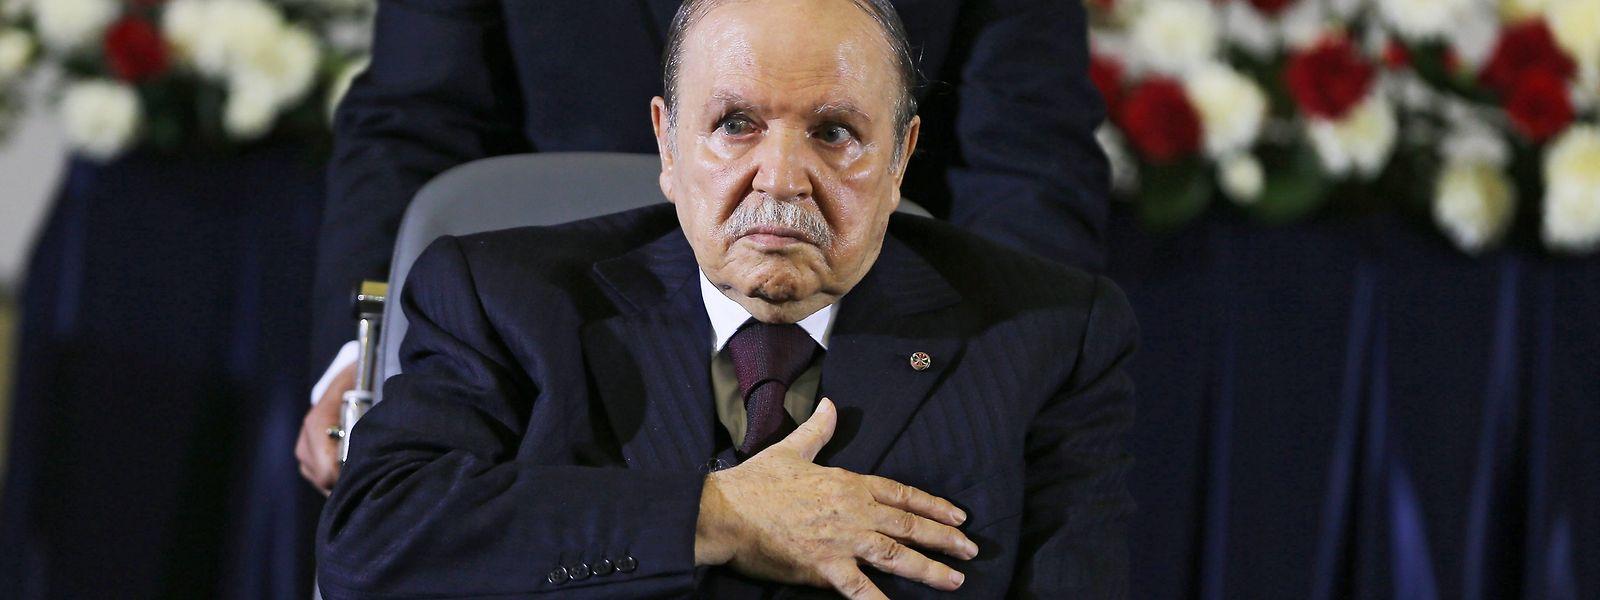 Der 82-jährige Abdelaziz Bouteflika ist seit 1999 Staatschef von Algerien.